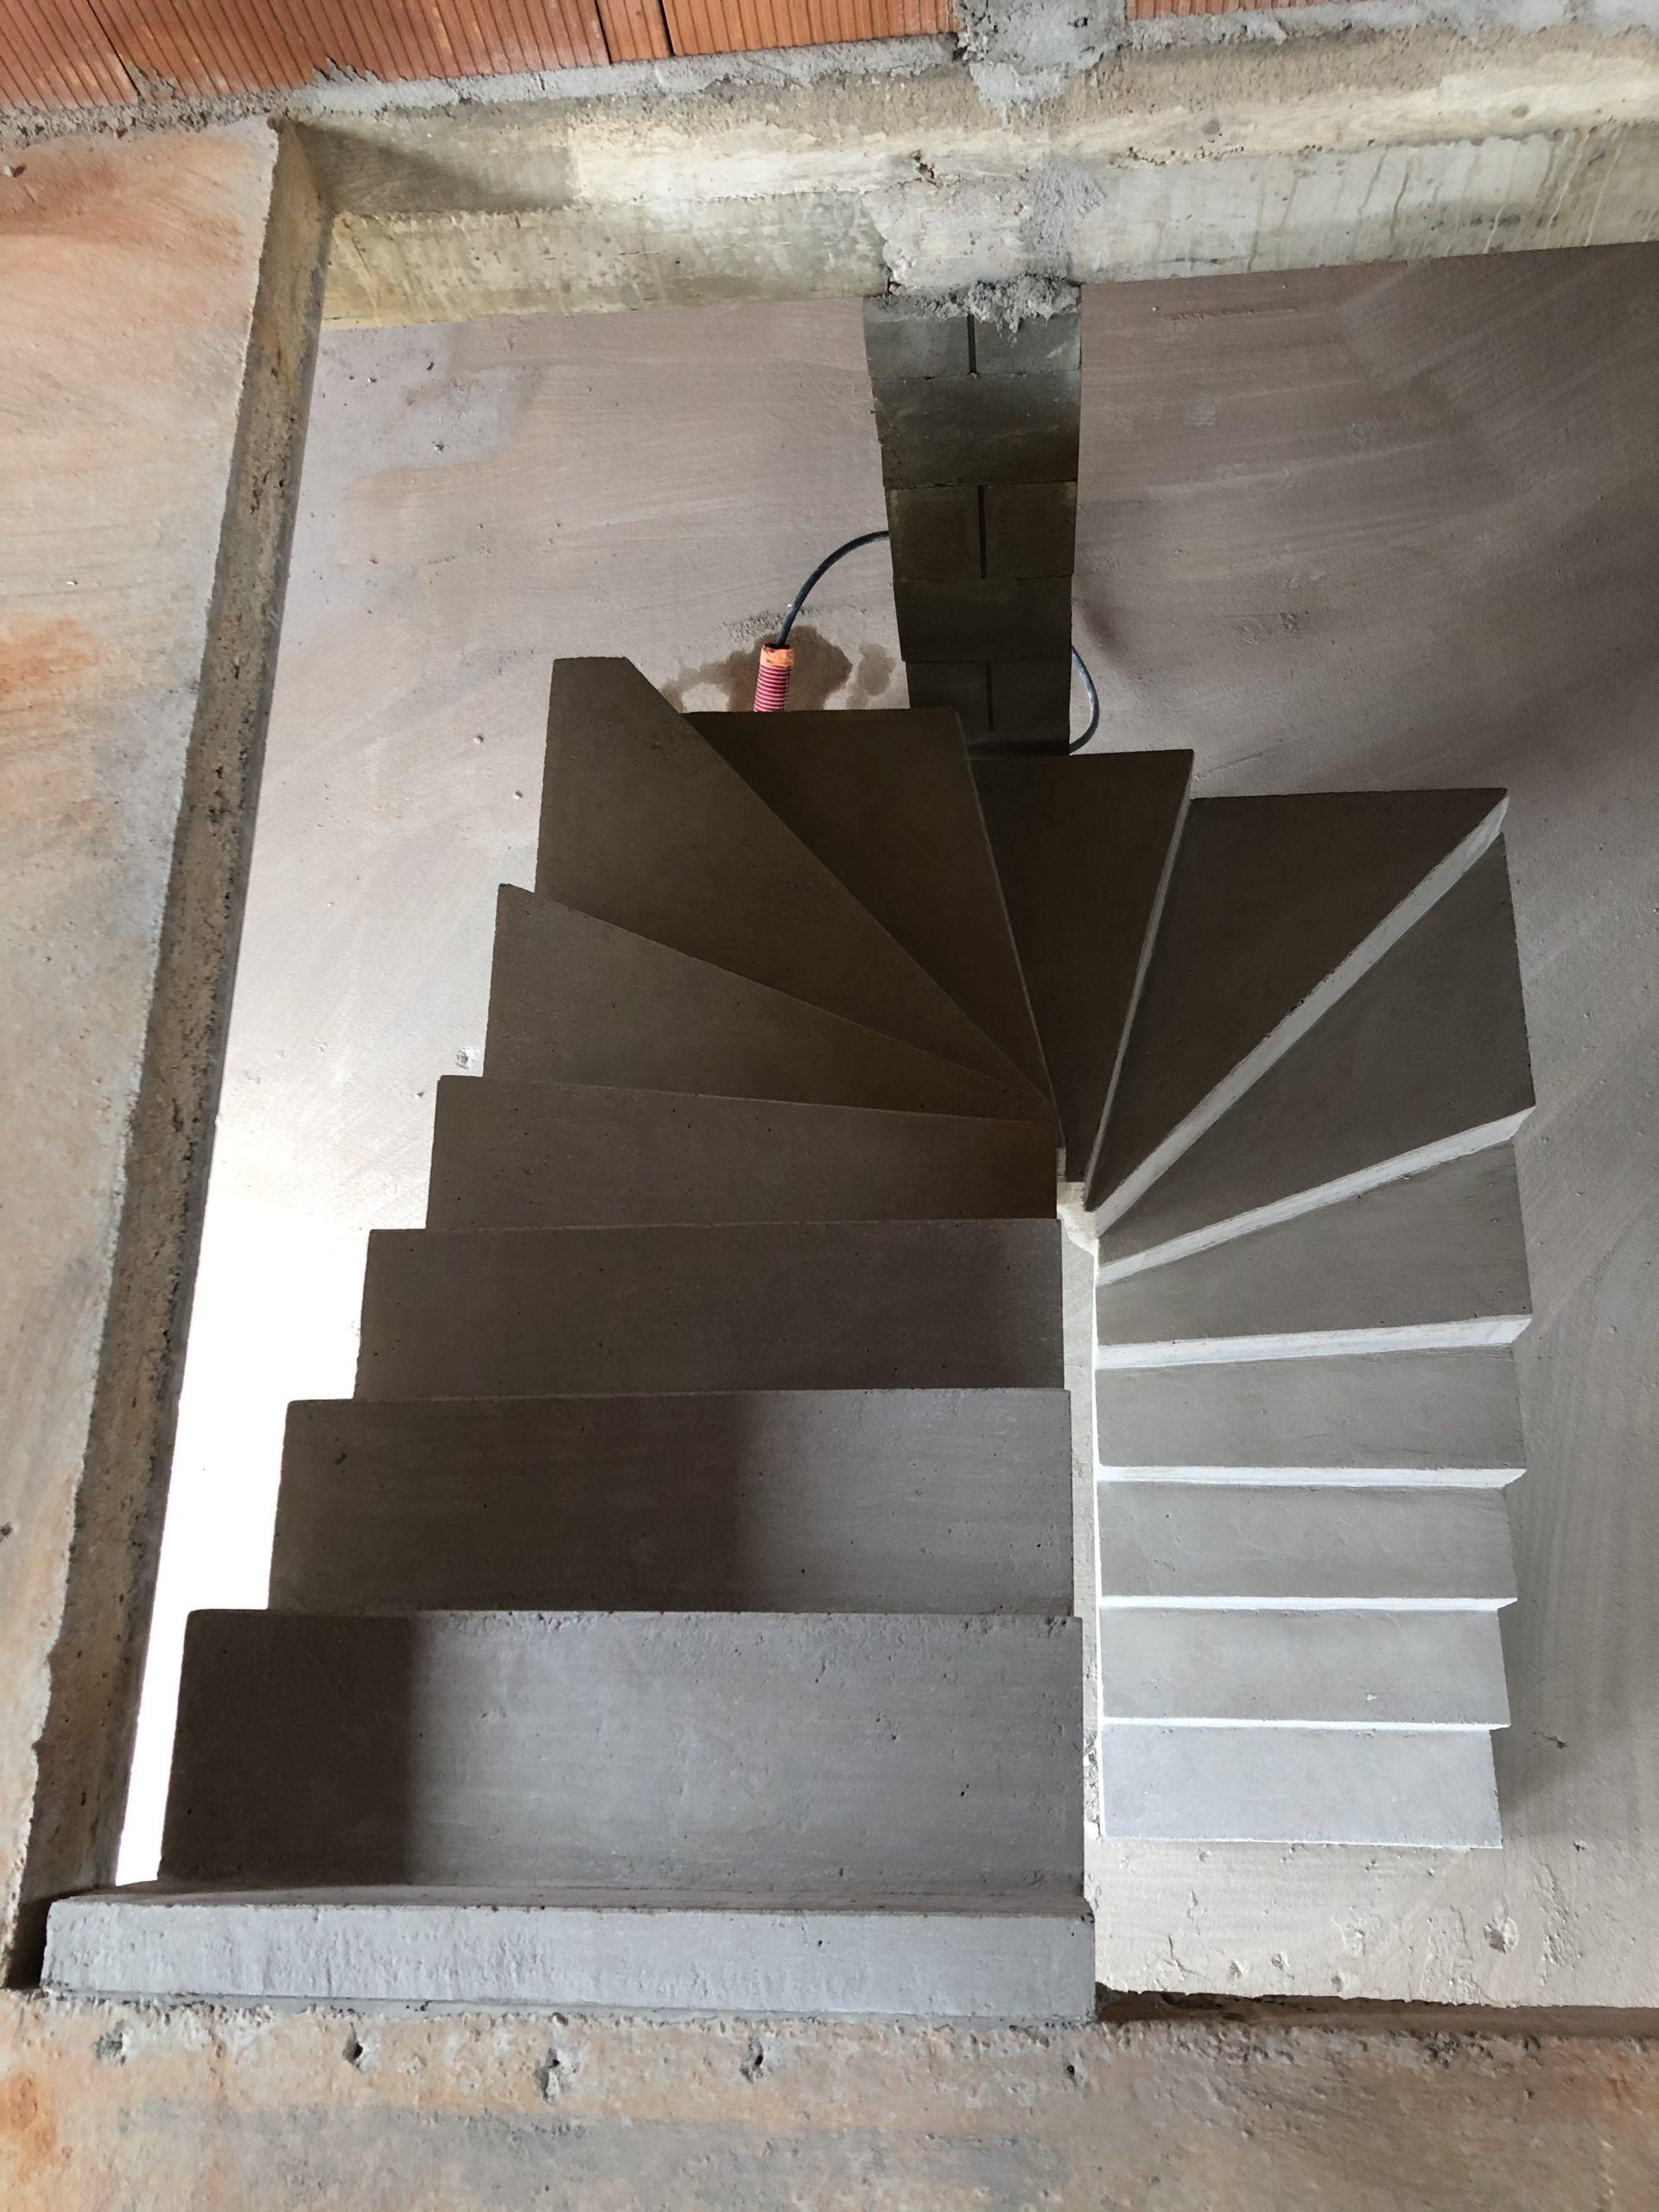 dessus d'un escalier béton deux quart balancé dans une maison en construction